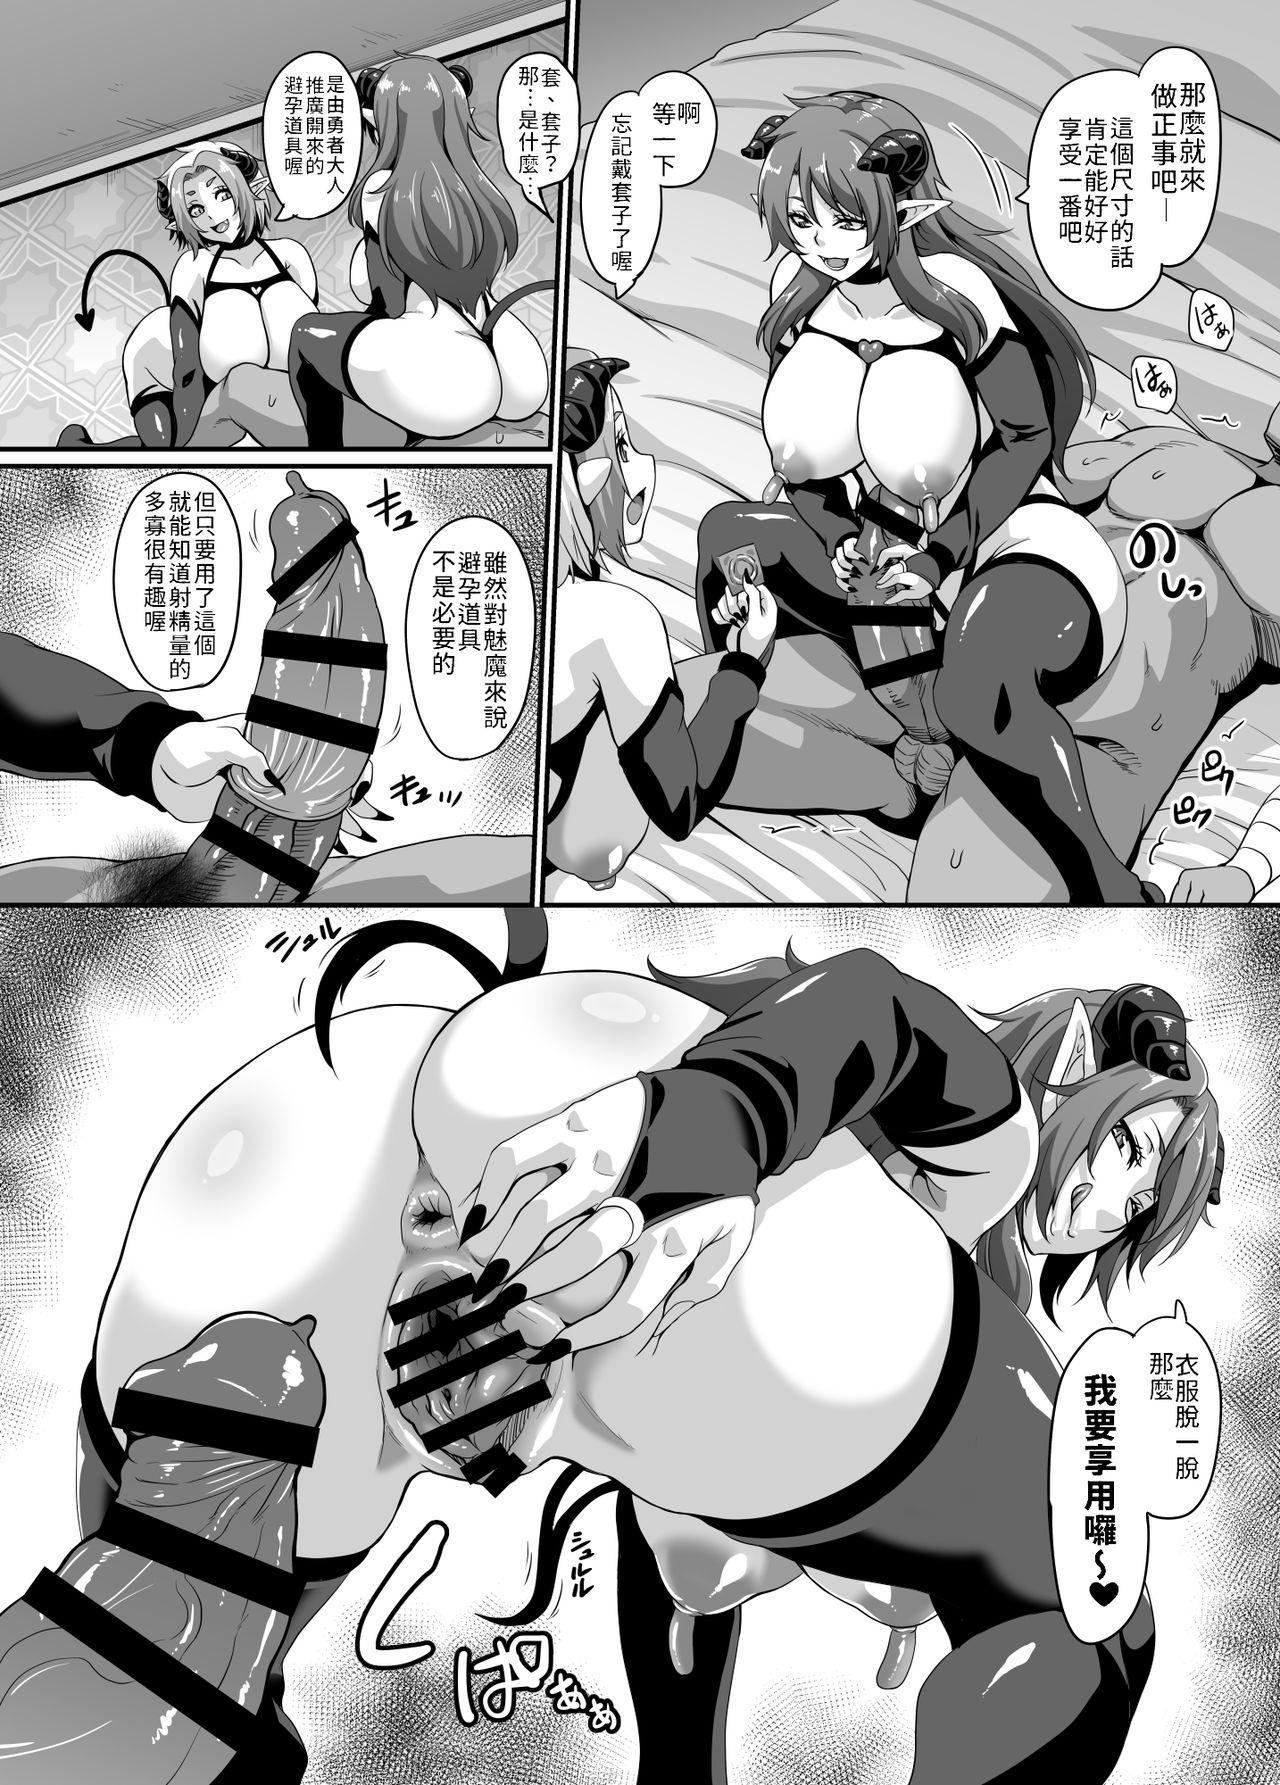 Succubus Shoukan   召唤魅魔 17